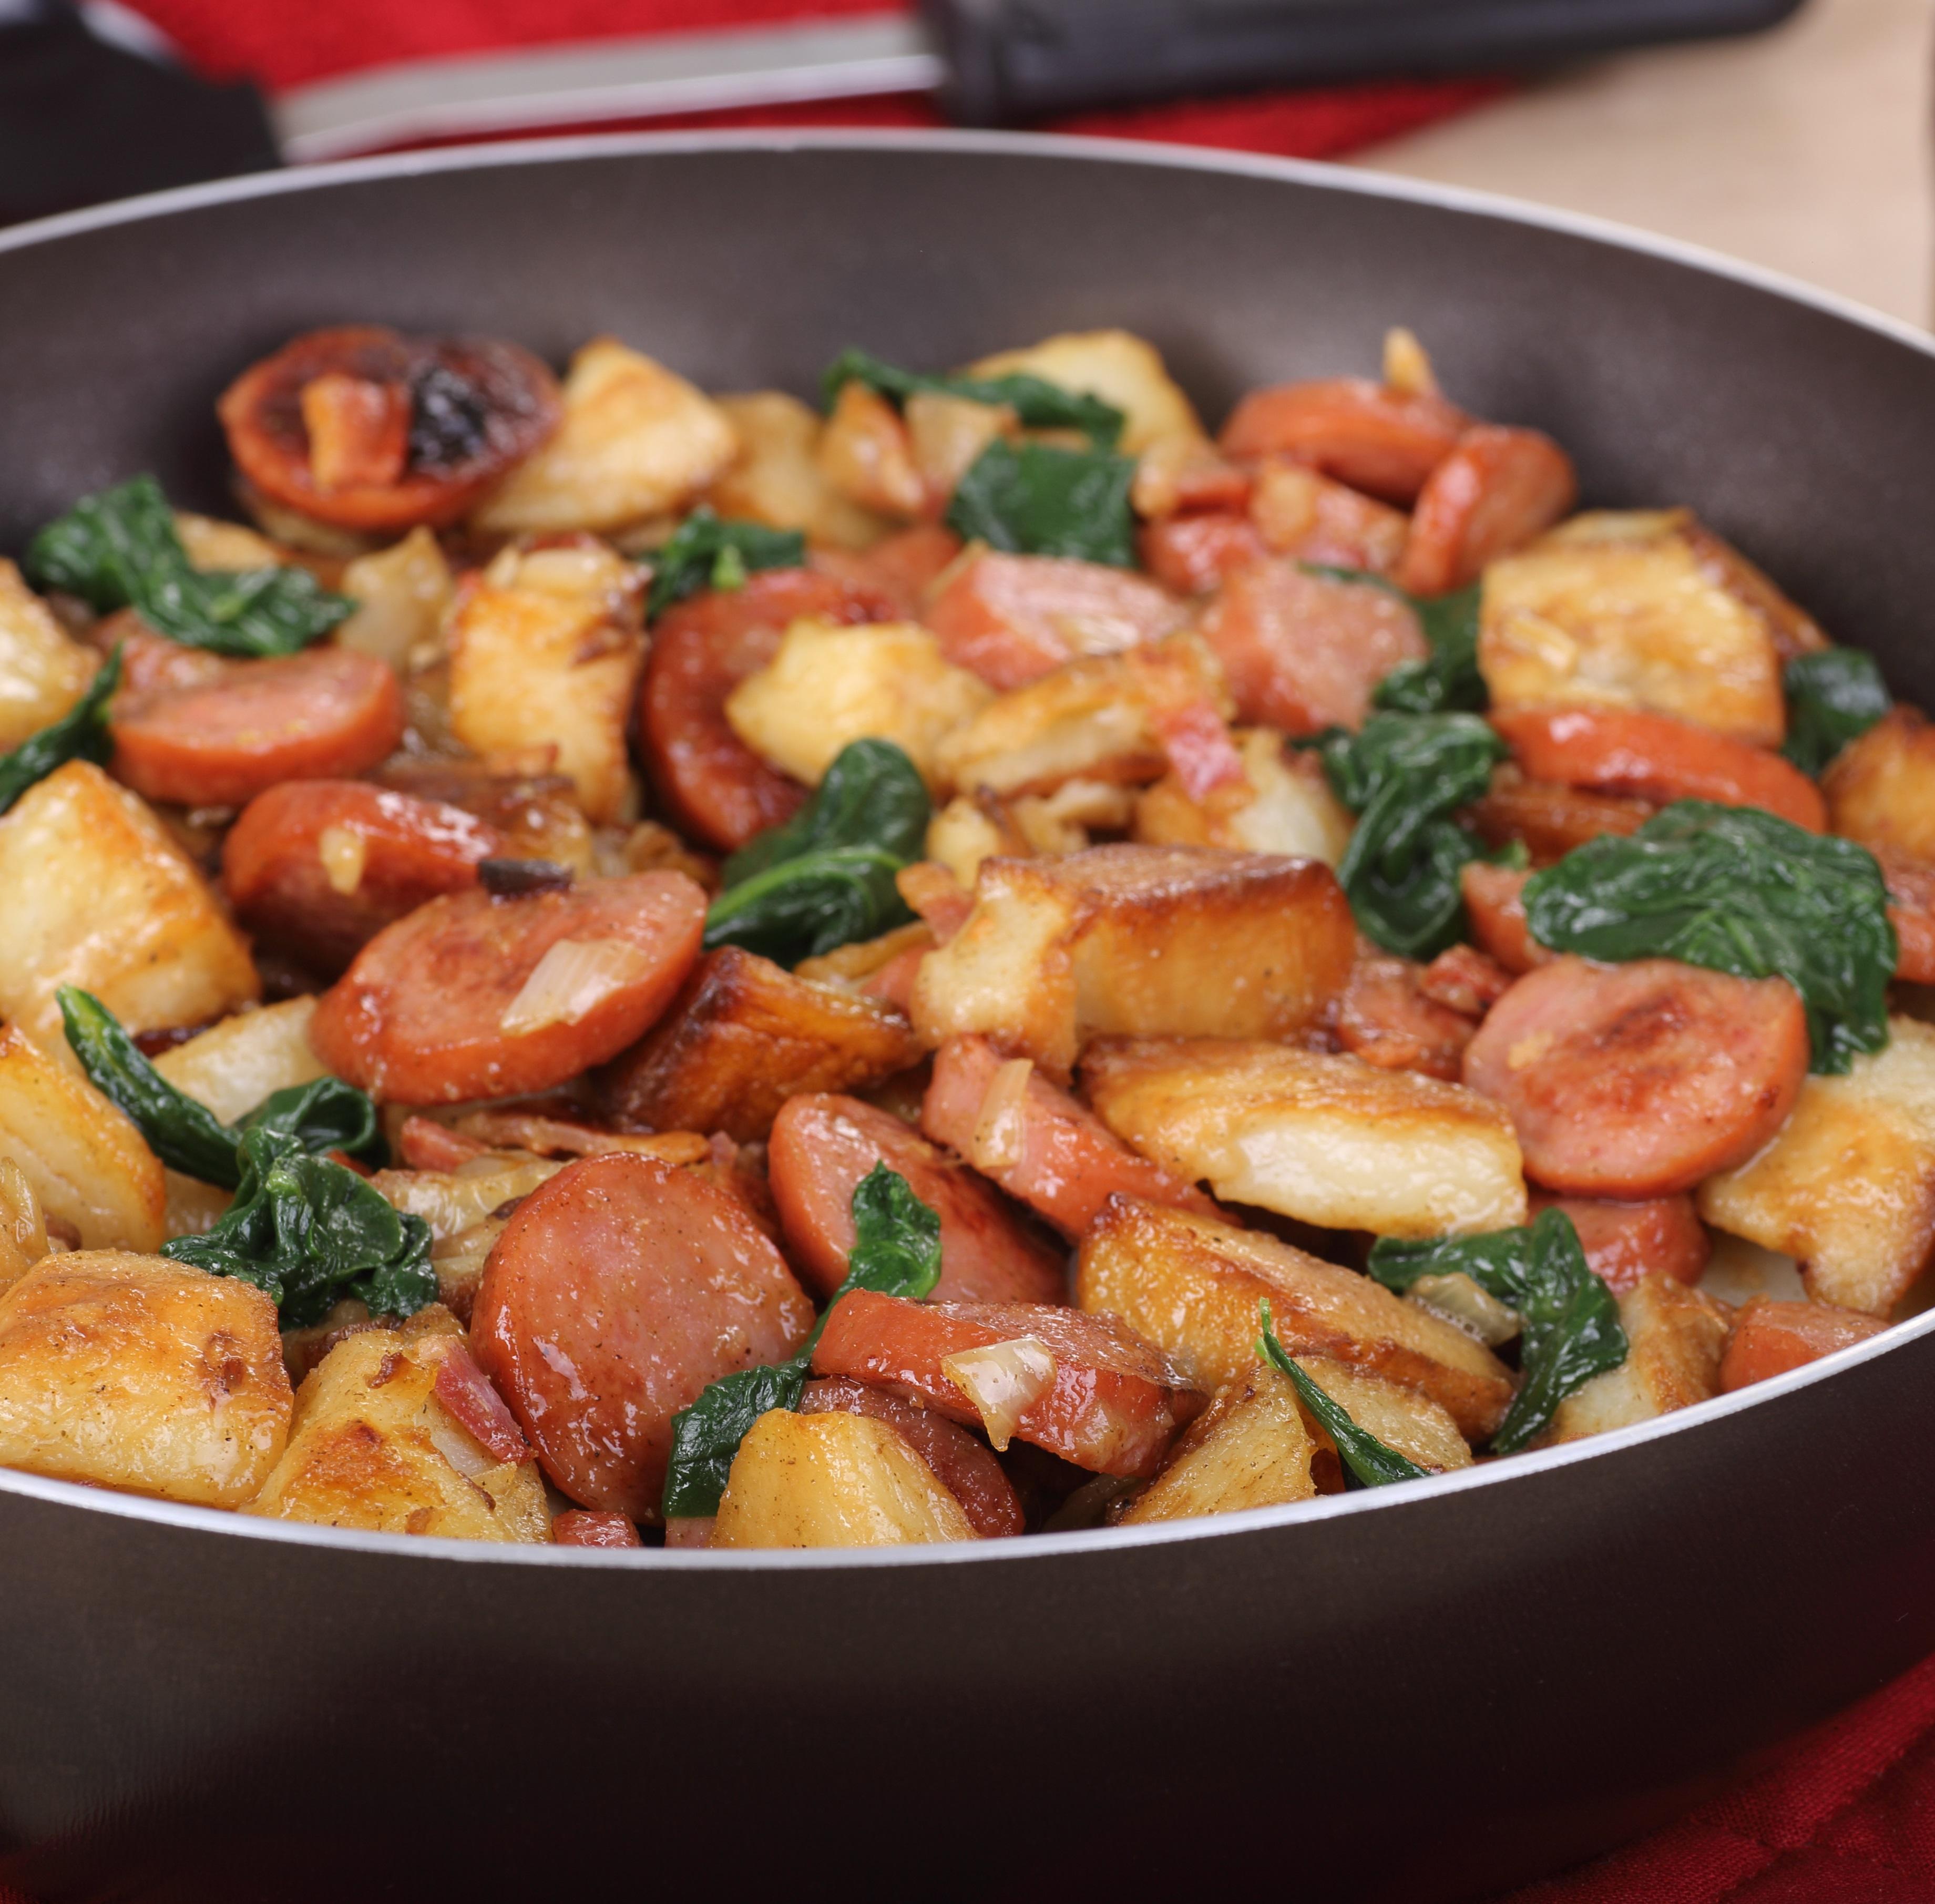 Recipes Course Main Dish Main Dish - Other Potato Kielbasa Skillet